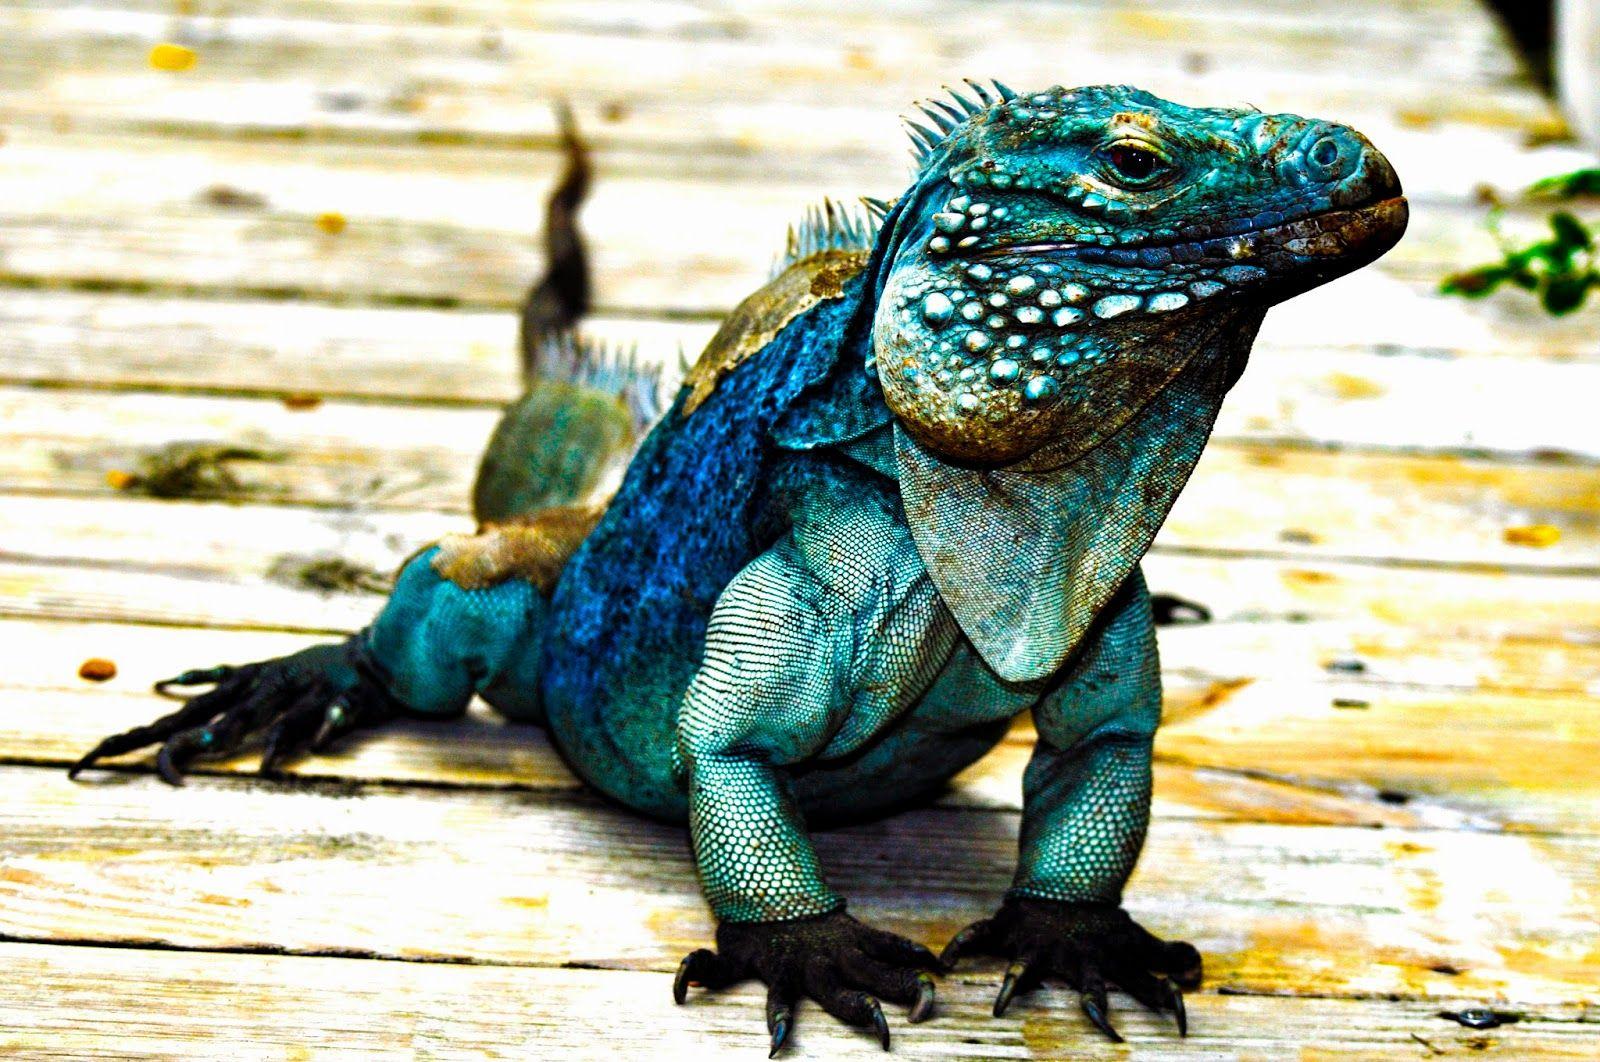 Tony Walton Blue Iguana